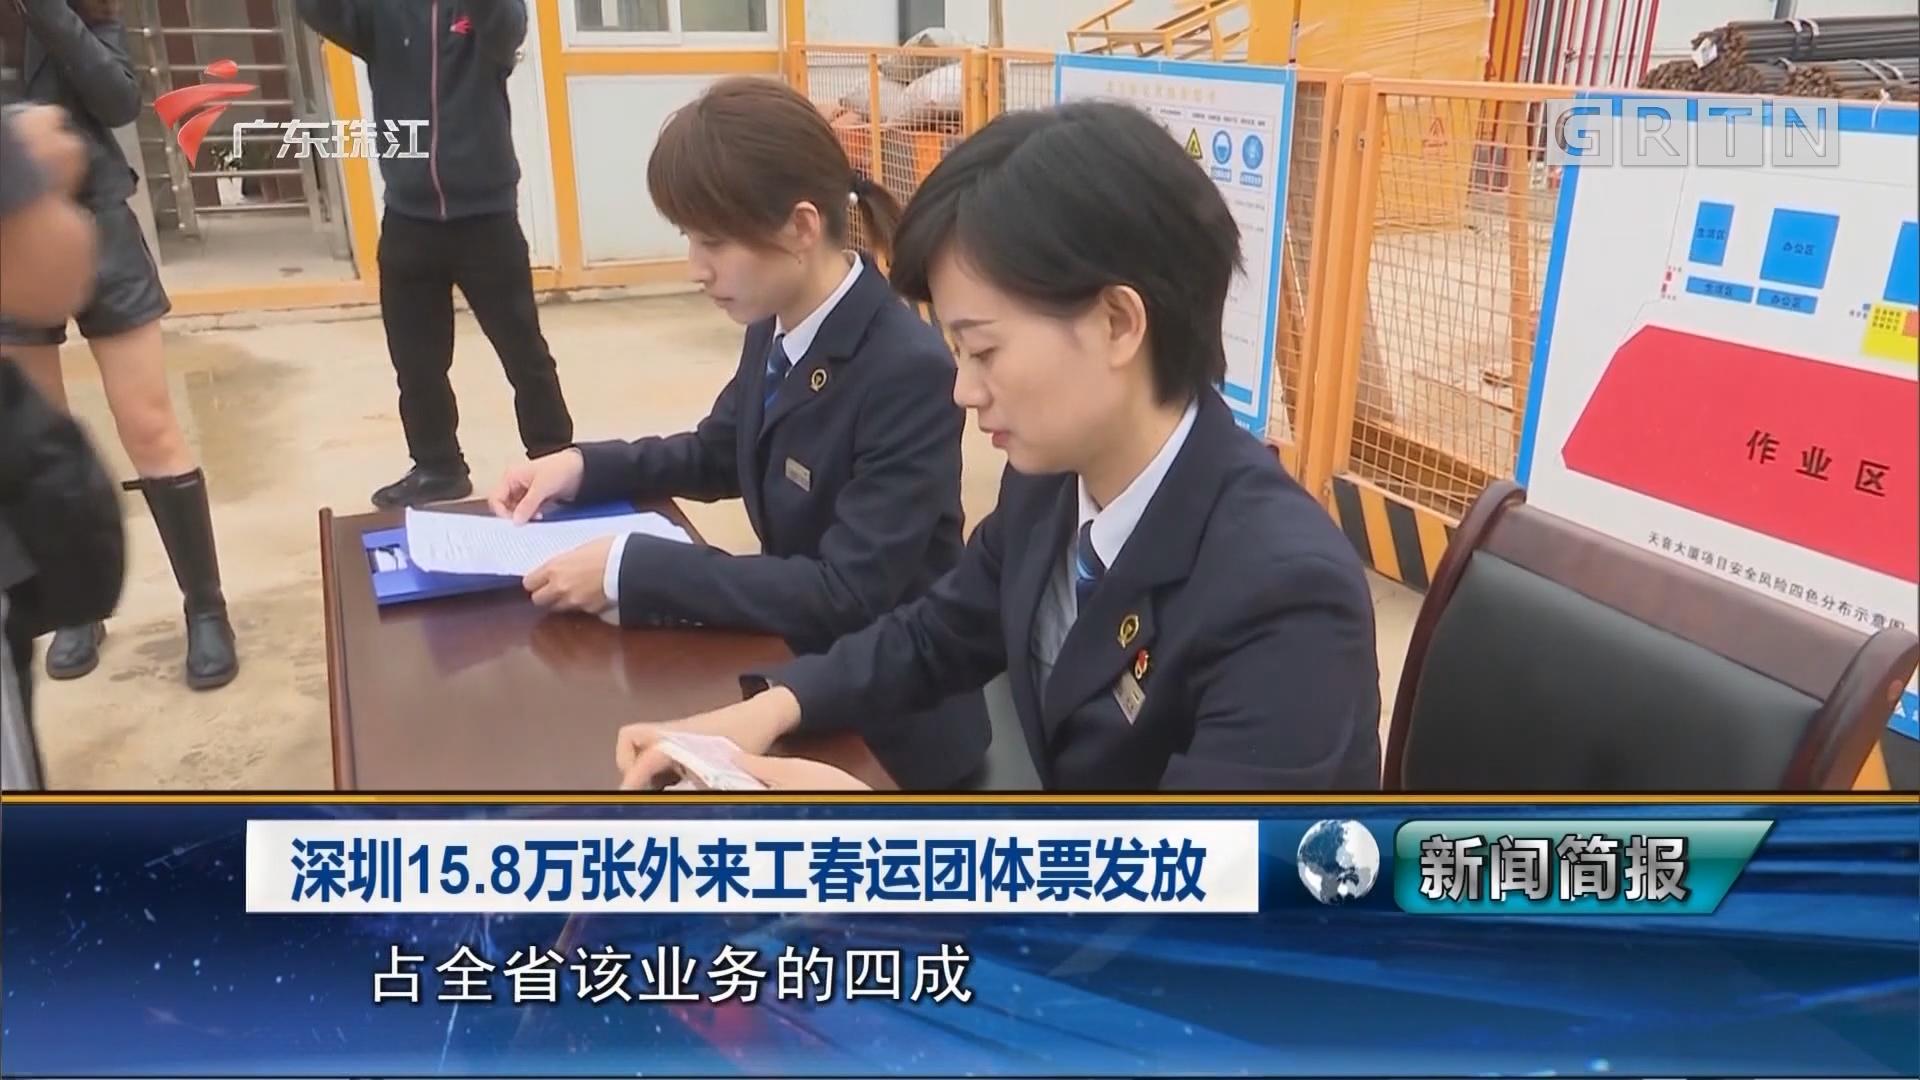 深圳15.8万张外来工春运团体票发放